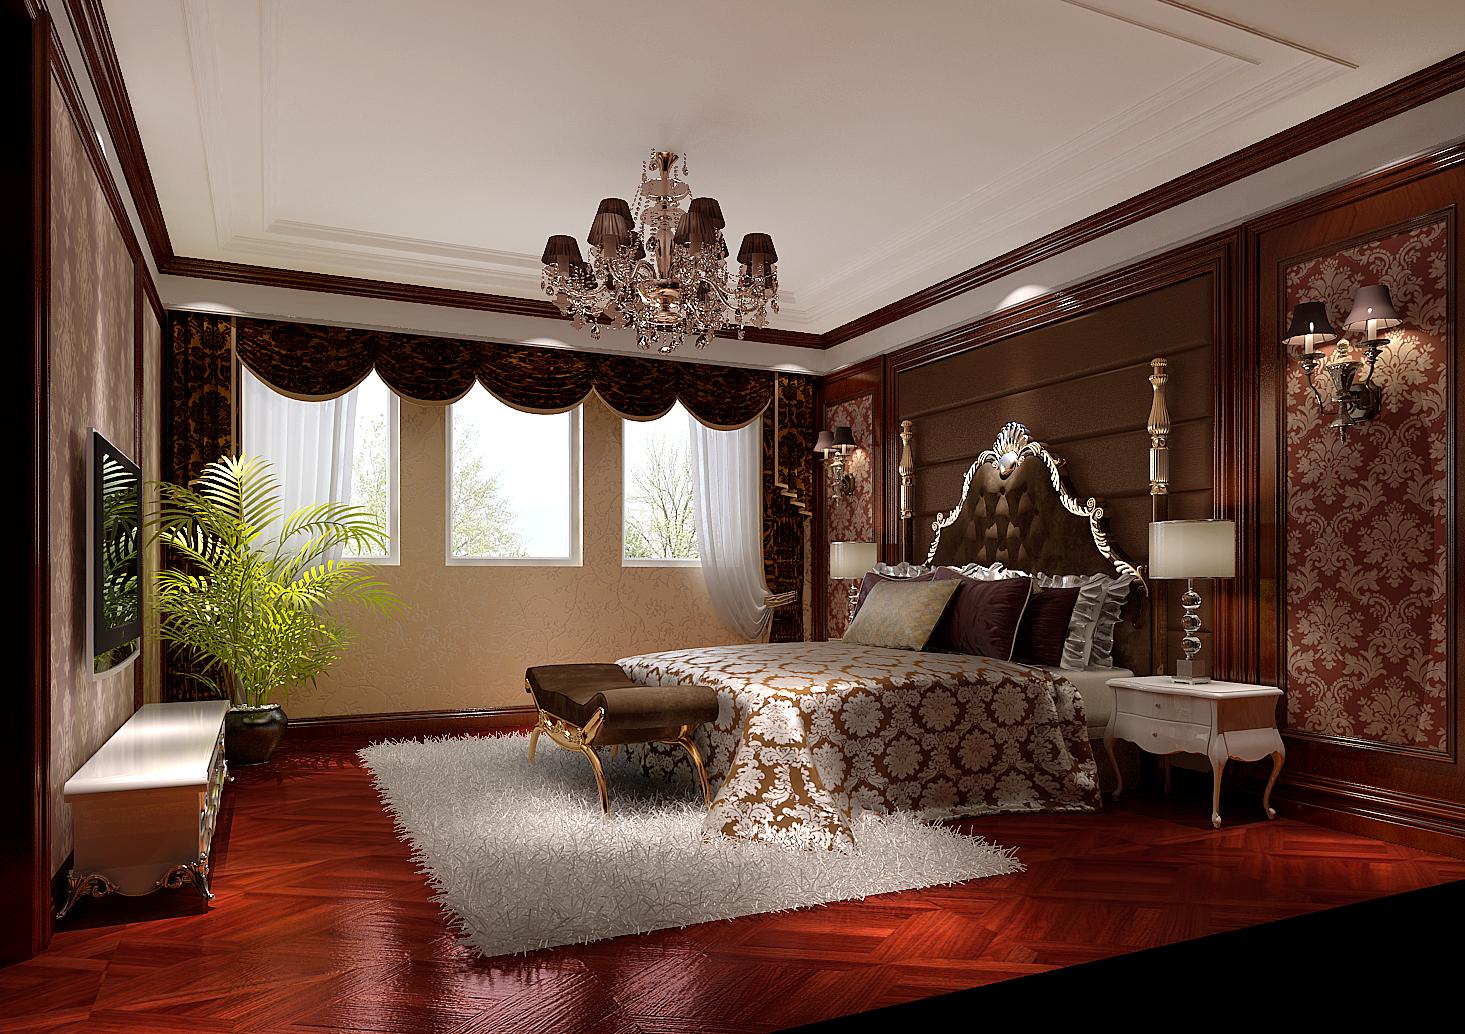 欧式 别墅 白领 北京装修 别墅装修 高度国际 卧室图片来自高度国际装饰华华在中海尚湖世家欧式别墅的分享